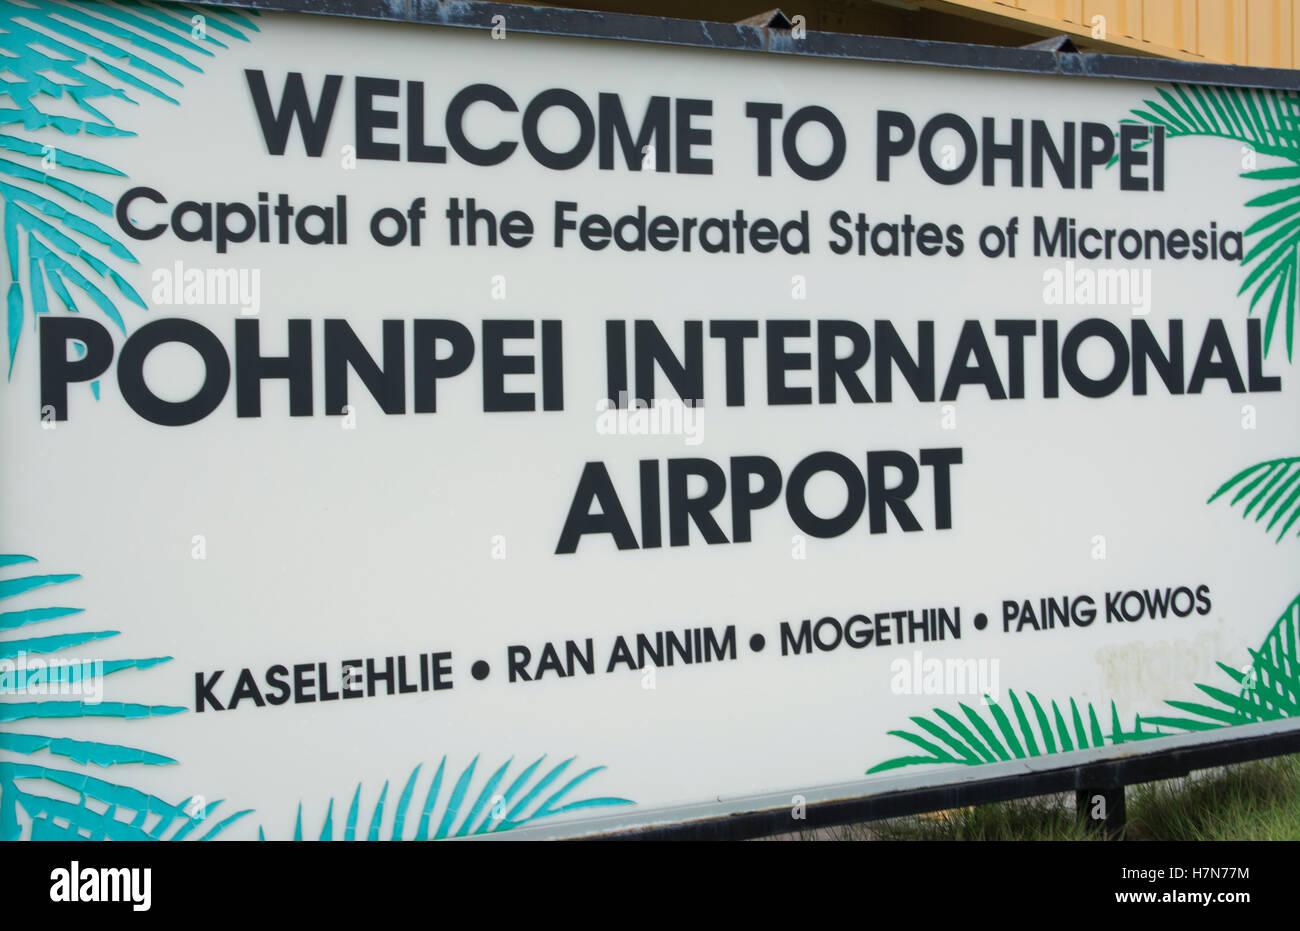 Pohnpei Micronesia segno airport benvenuti arrivo Immagini Stock